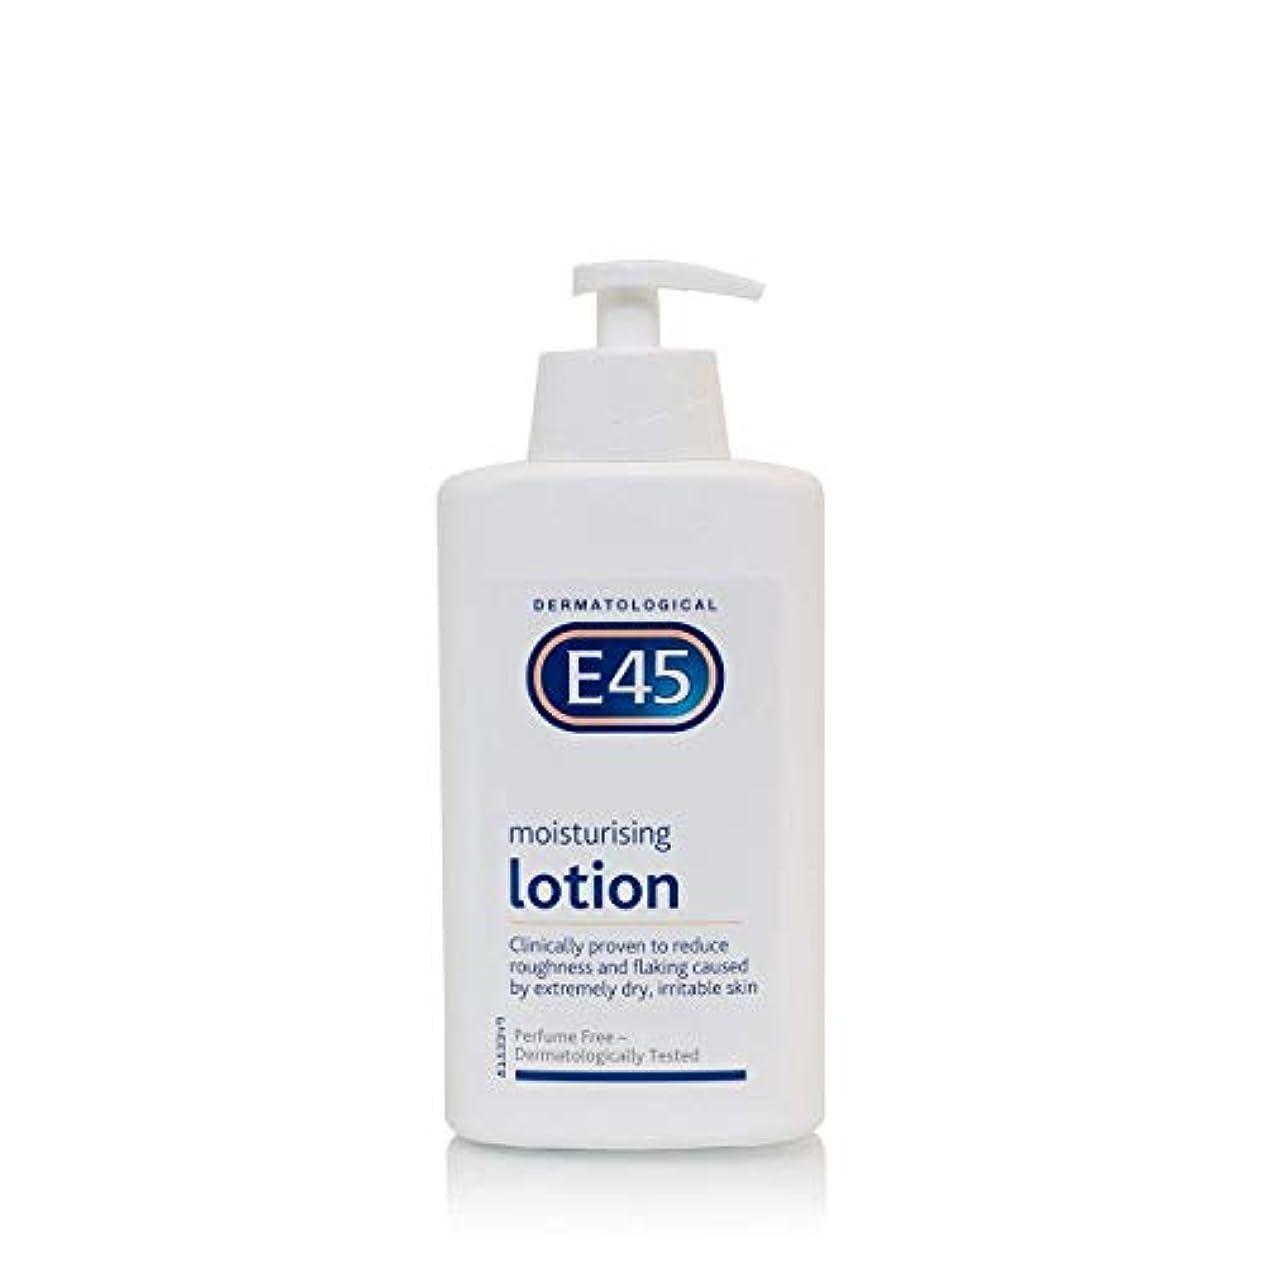 パパ安価な拍手E45 Dermatological Moisturising Lotion (500ml) E45皮膚科保湿ローション( 500ミリリットル)